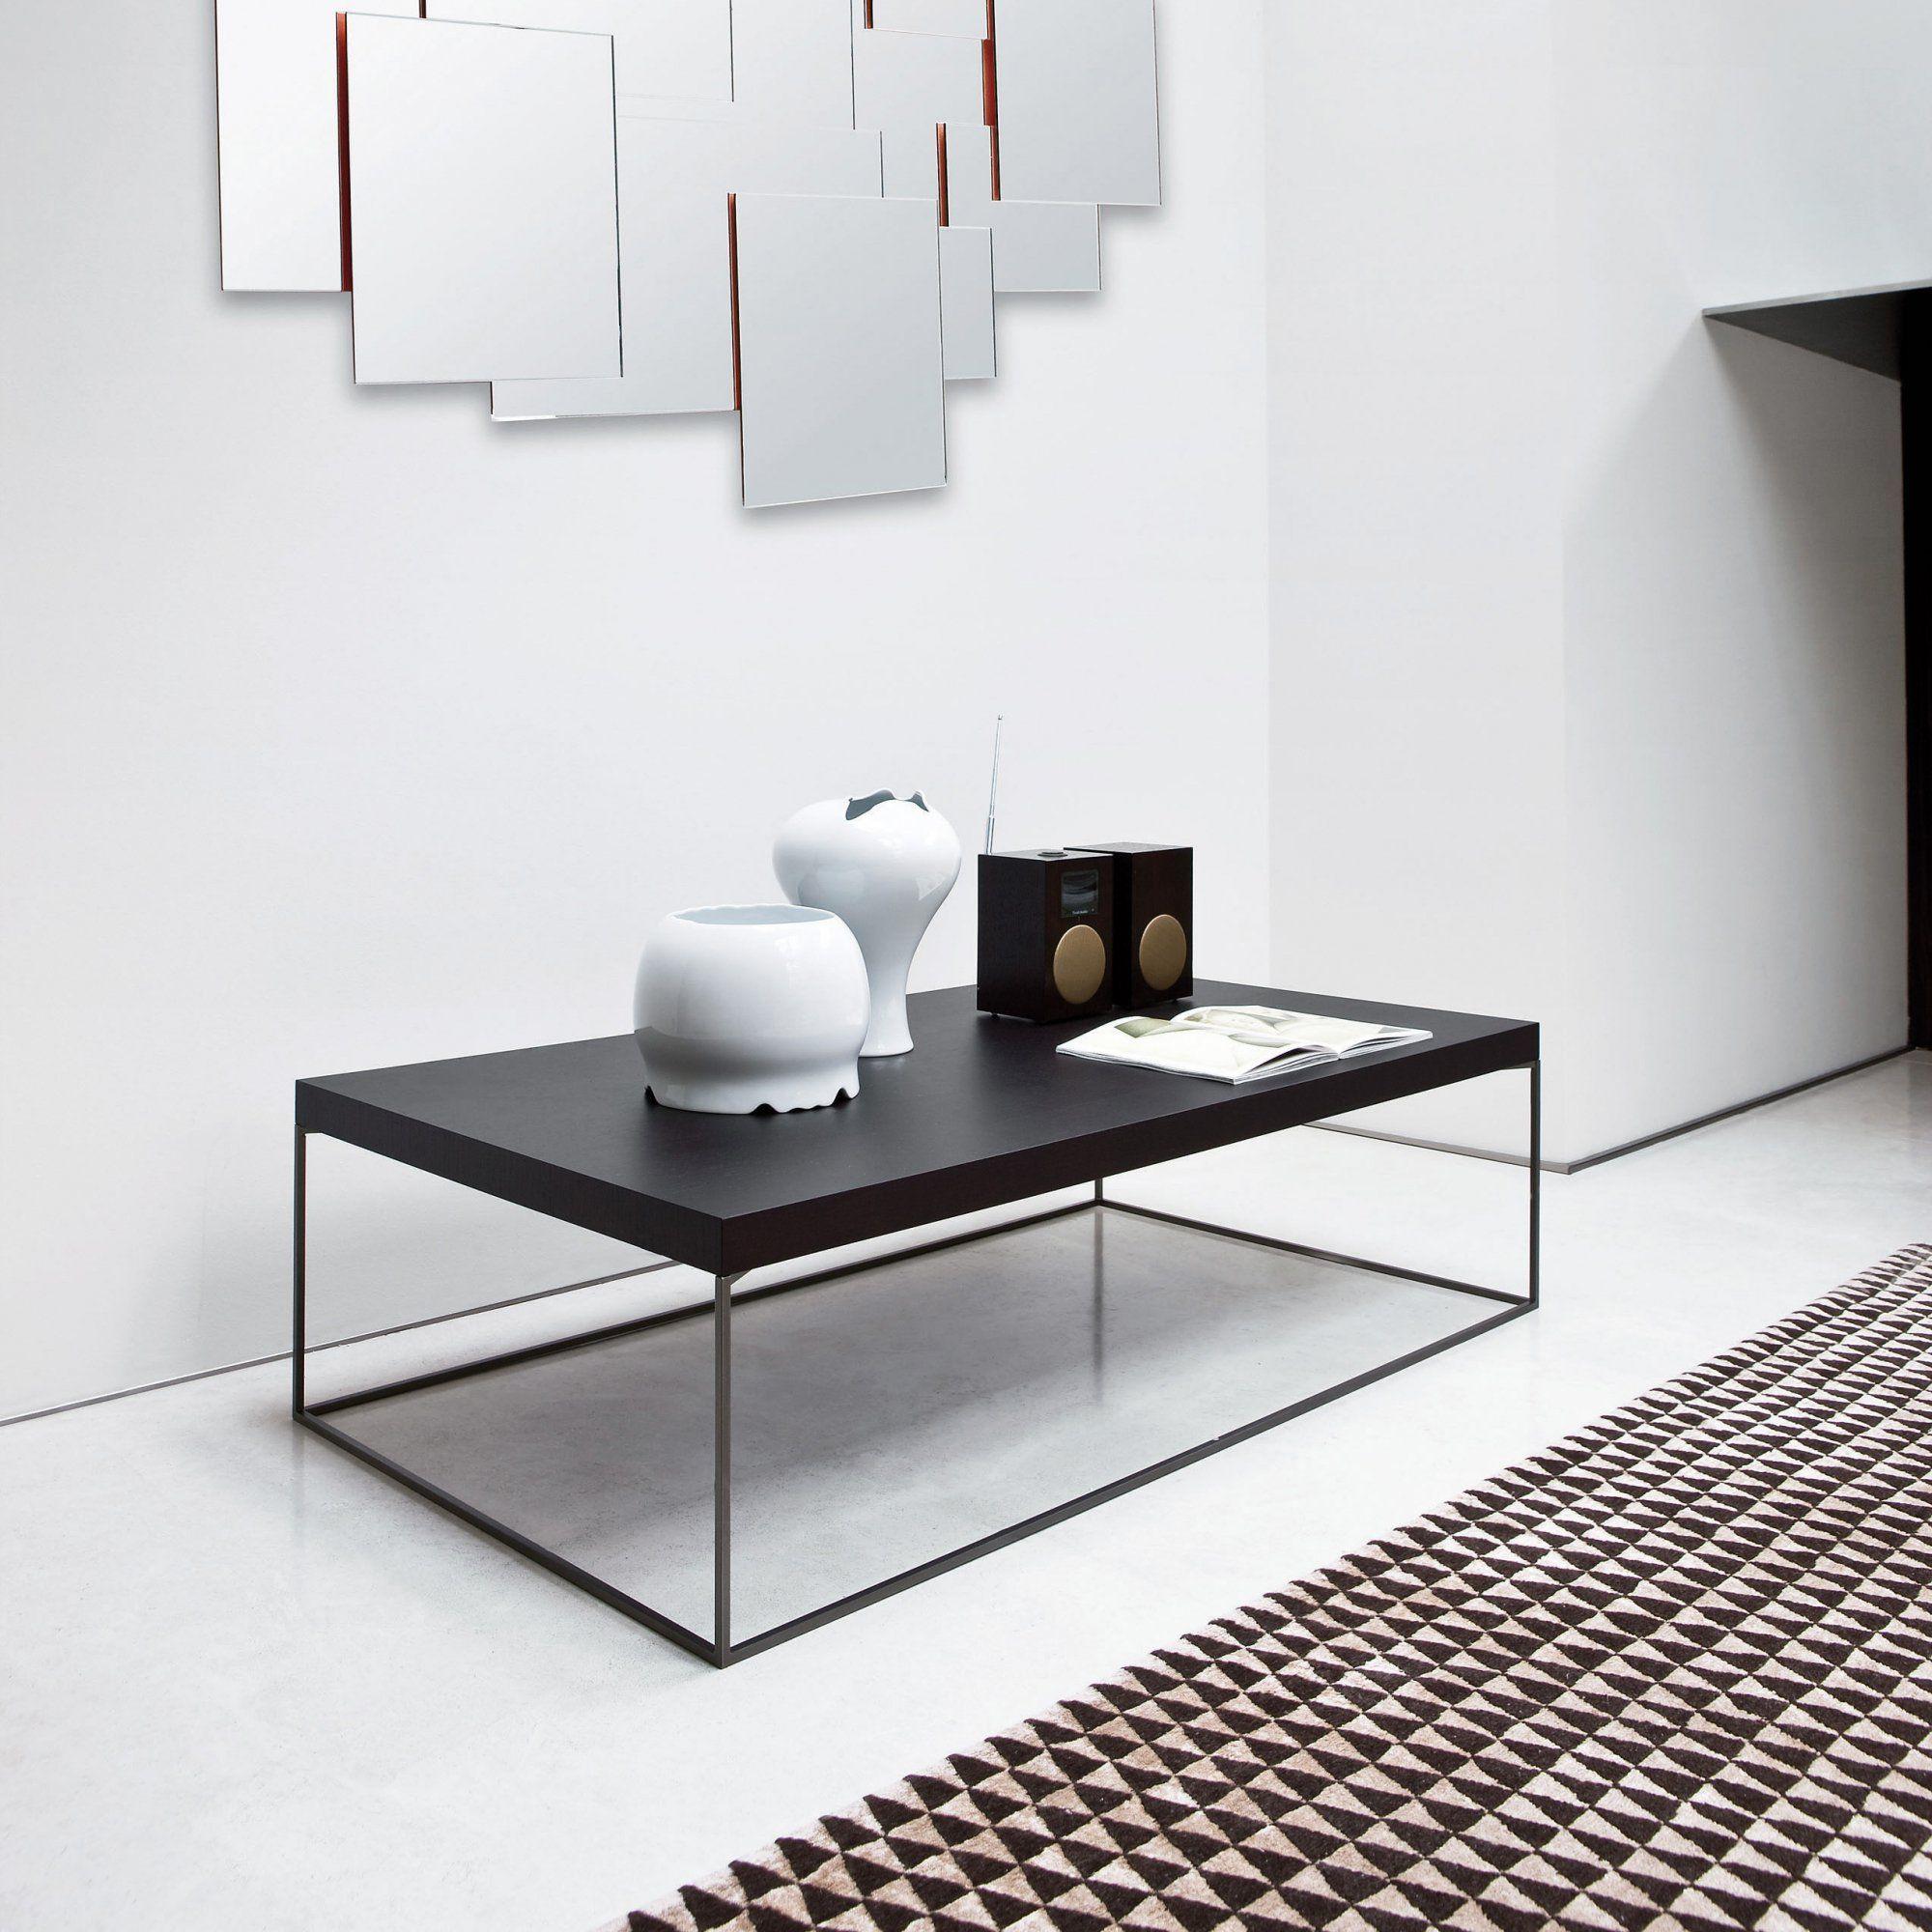 une table basse rectangulaire en noyer noir avec pieds droits trs design et sobre pour - Pied Rectangulaire Pour Table